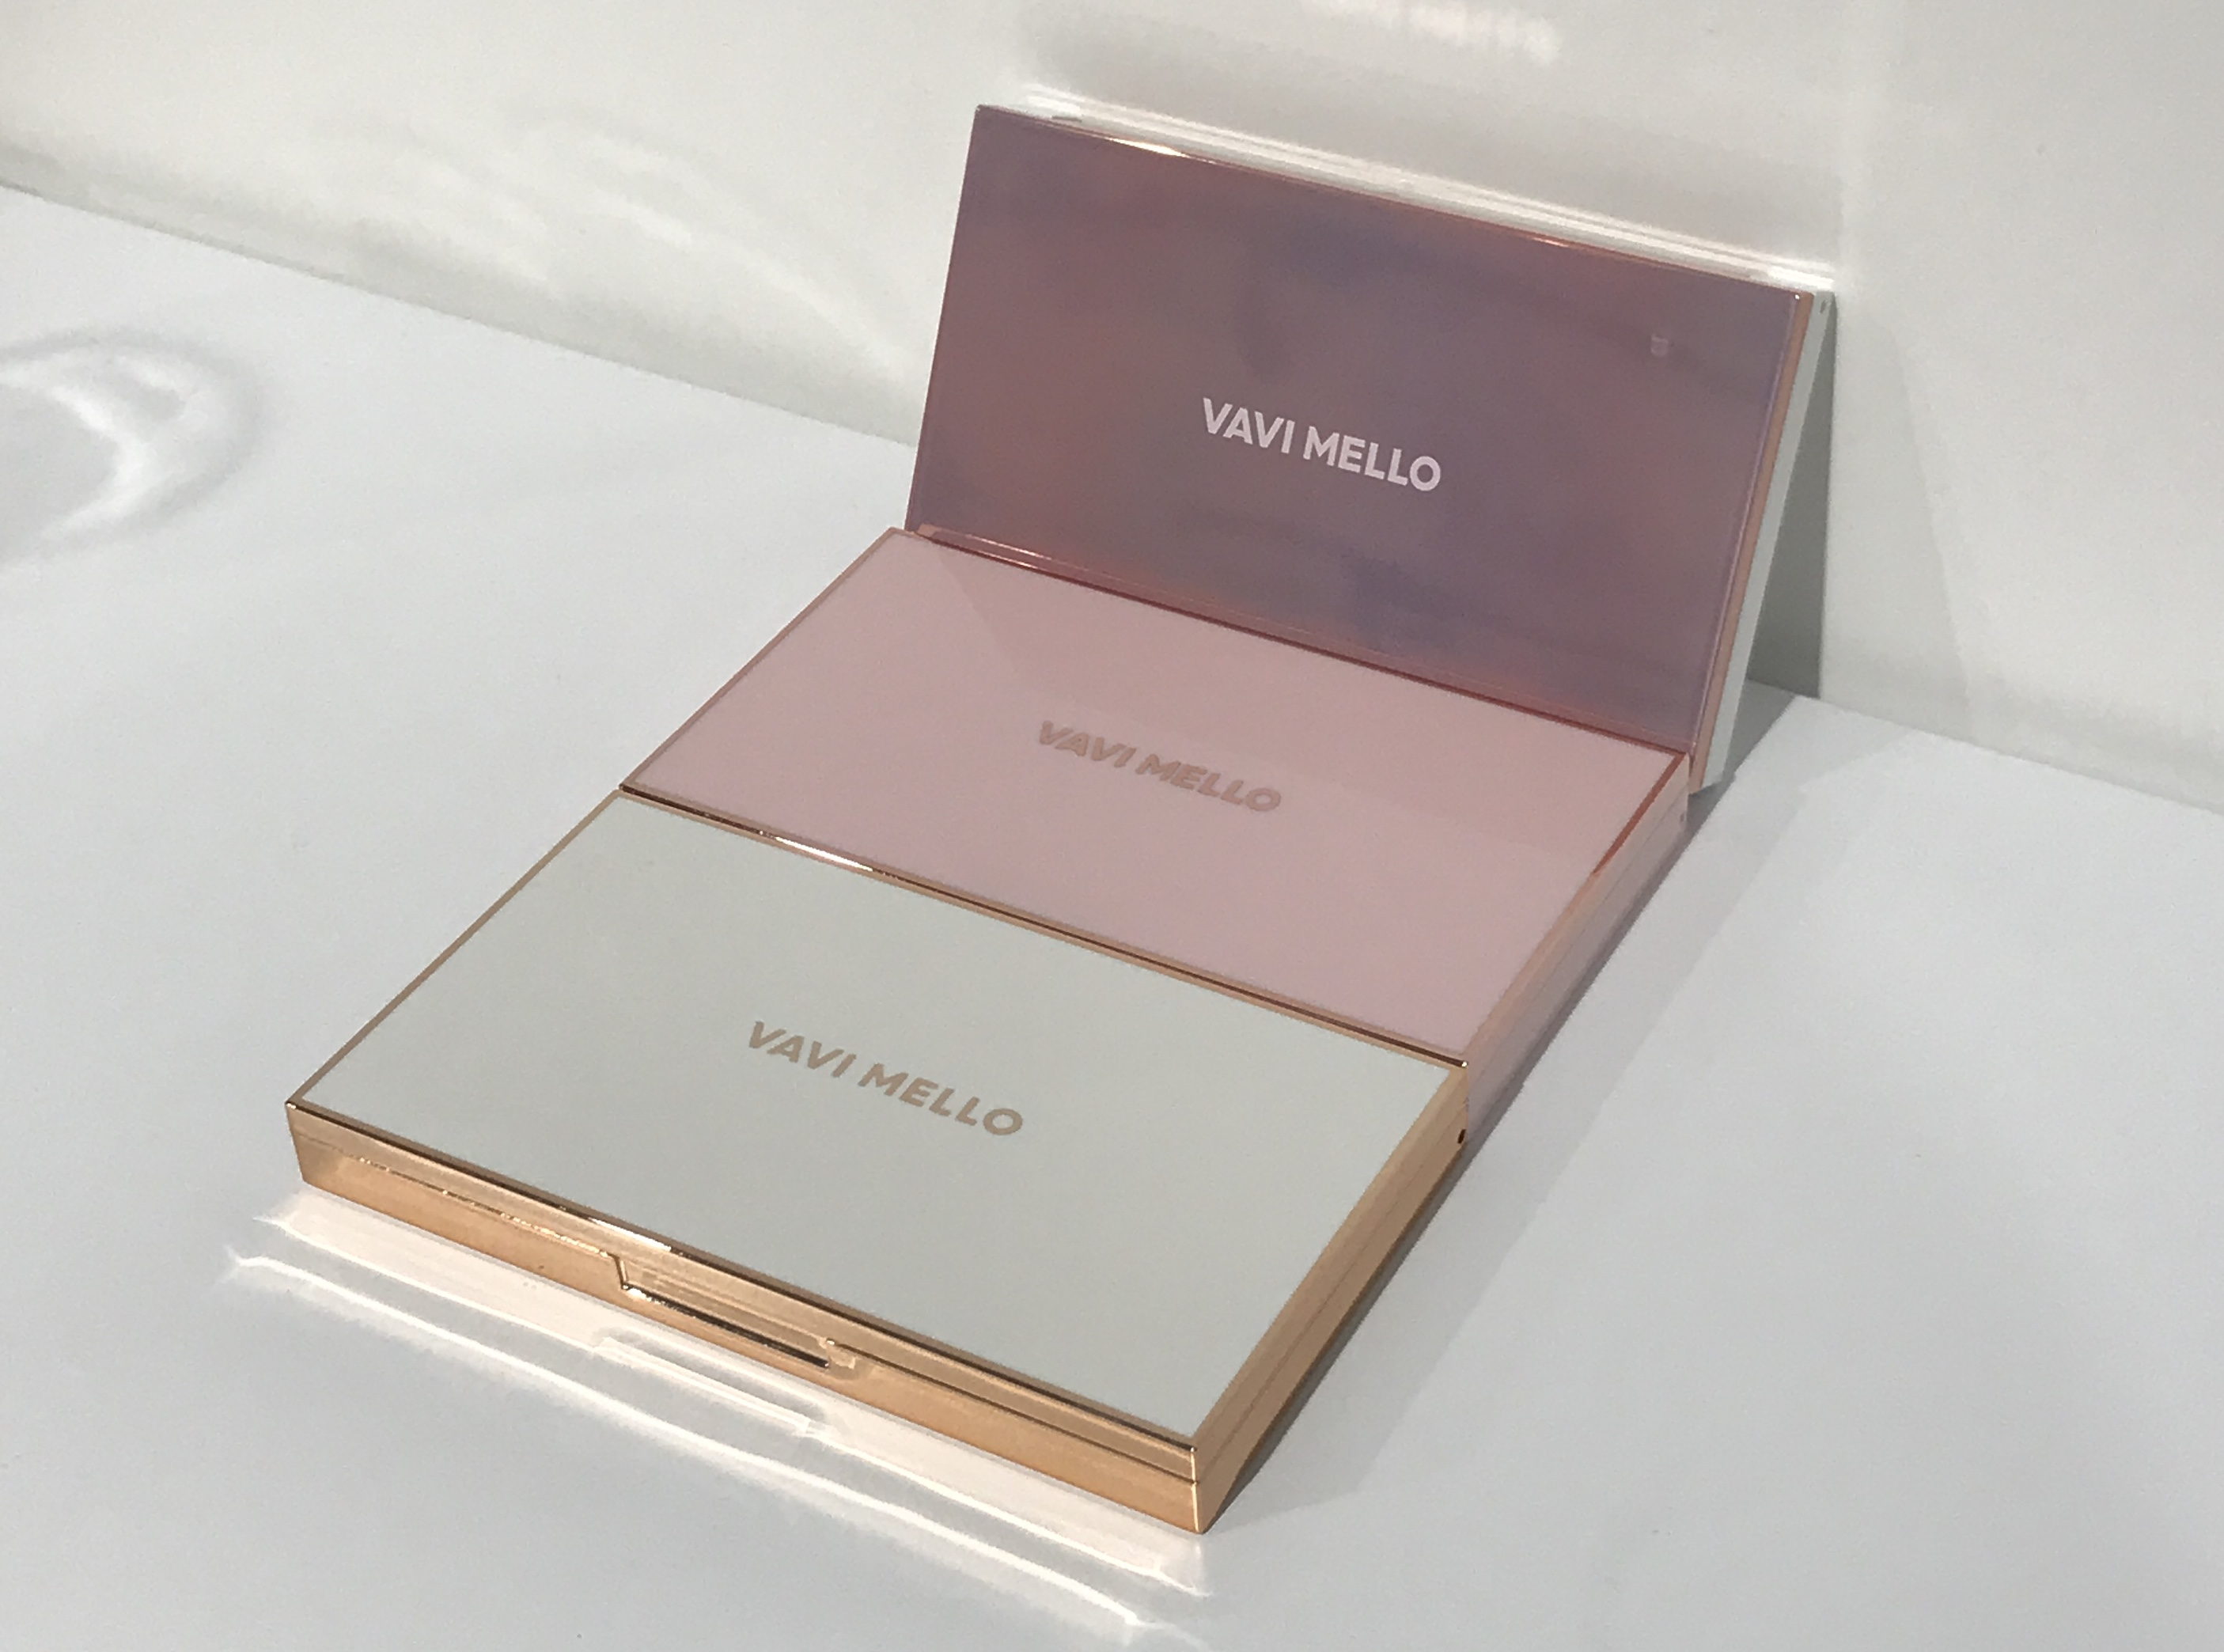 """どのカラーを買うか迷っている人必見👀💘【VAVI MELLO】人気の""""捨て色ナシ""""パレット3種🌸🧞♀️"""